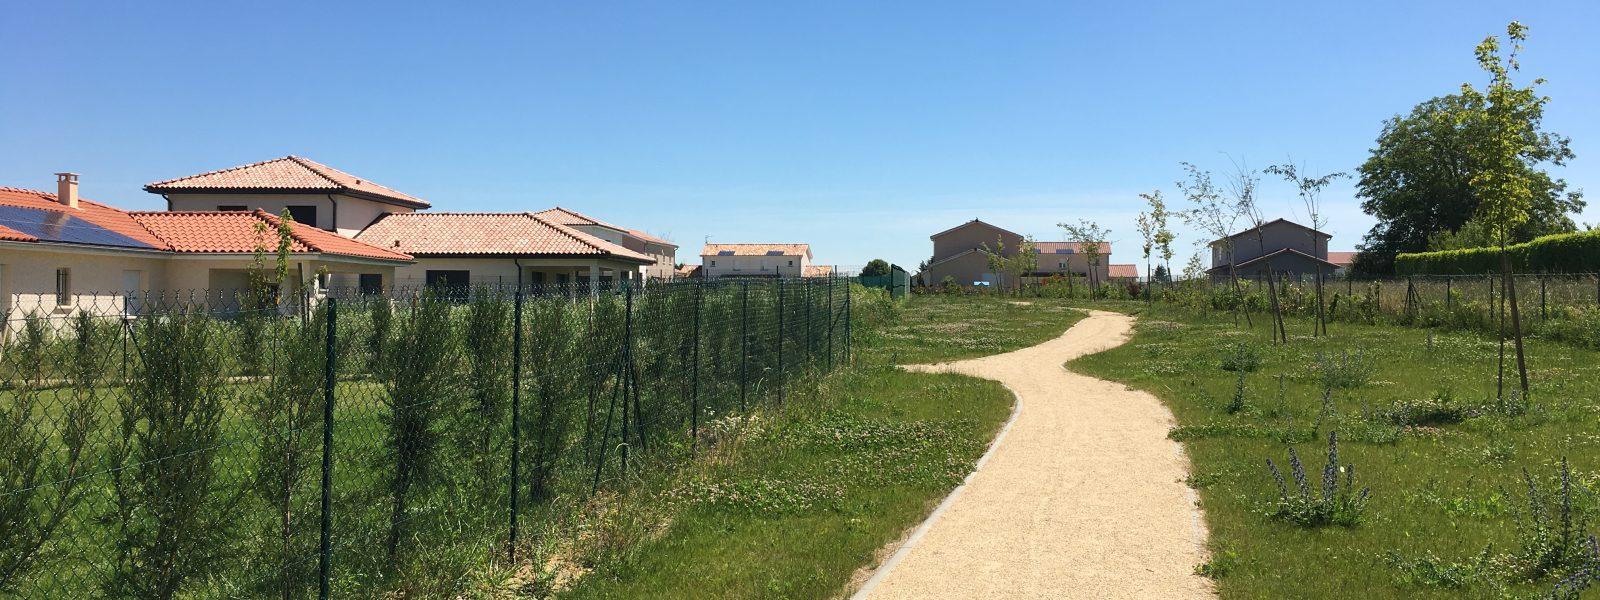 LE HAMEAU DE LA BERGERE - Visuel 5 - Impact immobilier 01